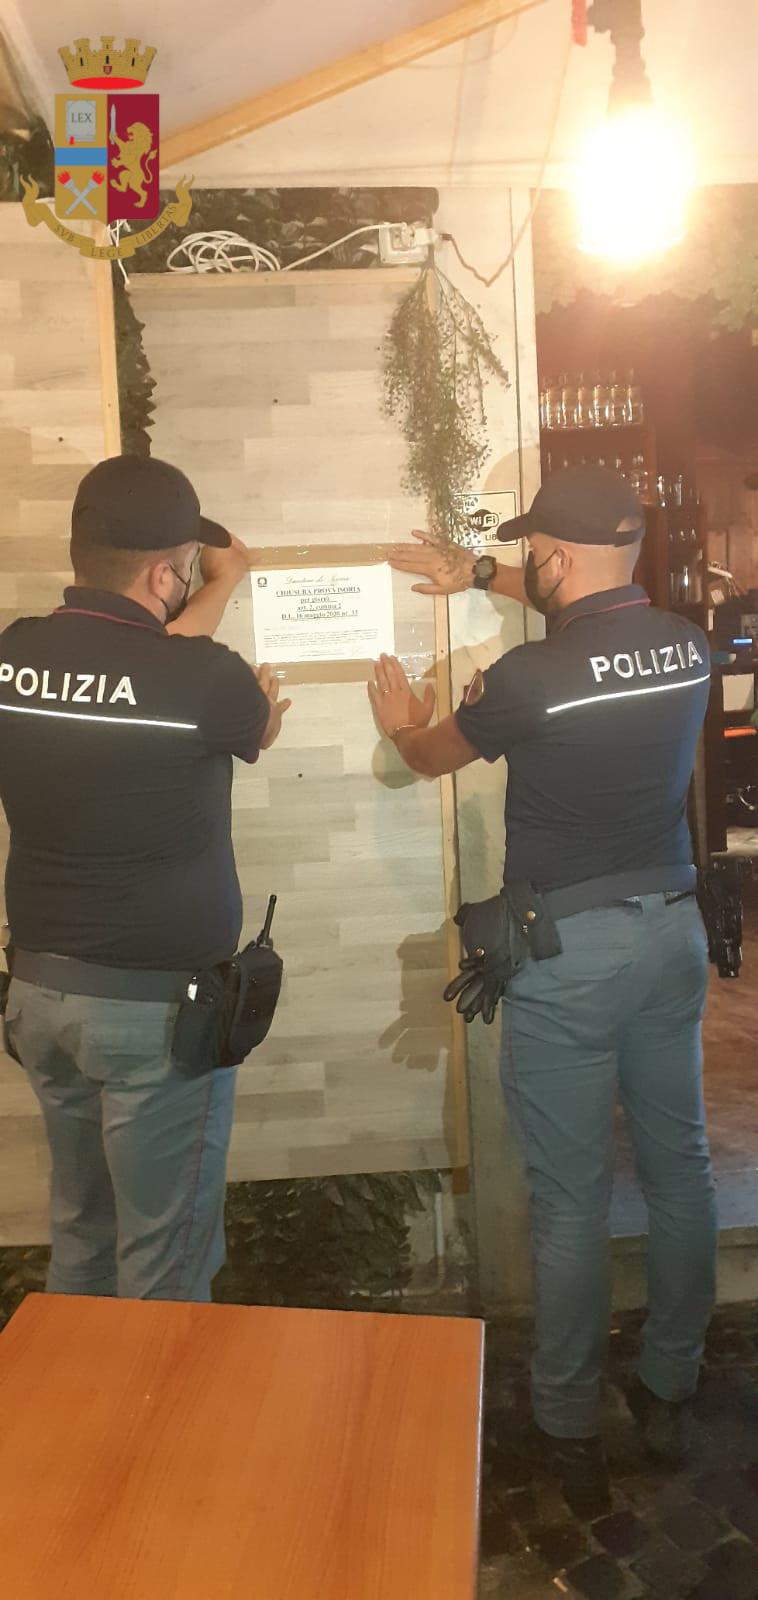 Roma, controlli amministrativi, sanzionati 2 locali e  applicata la sospensione dell'attività per 5 giorni